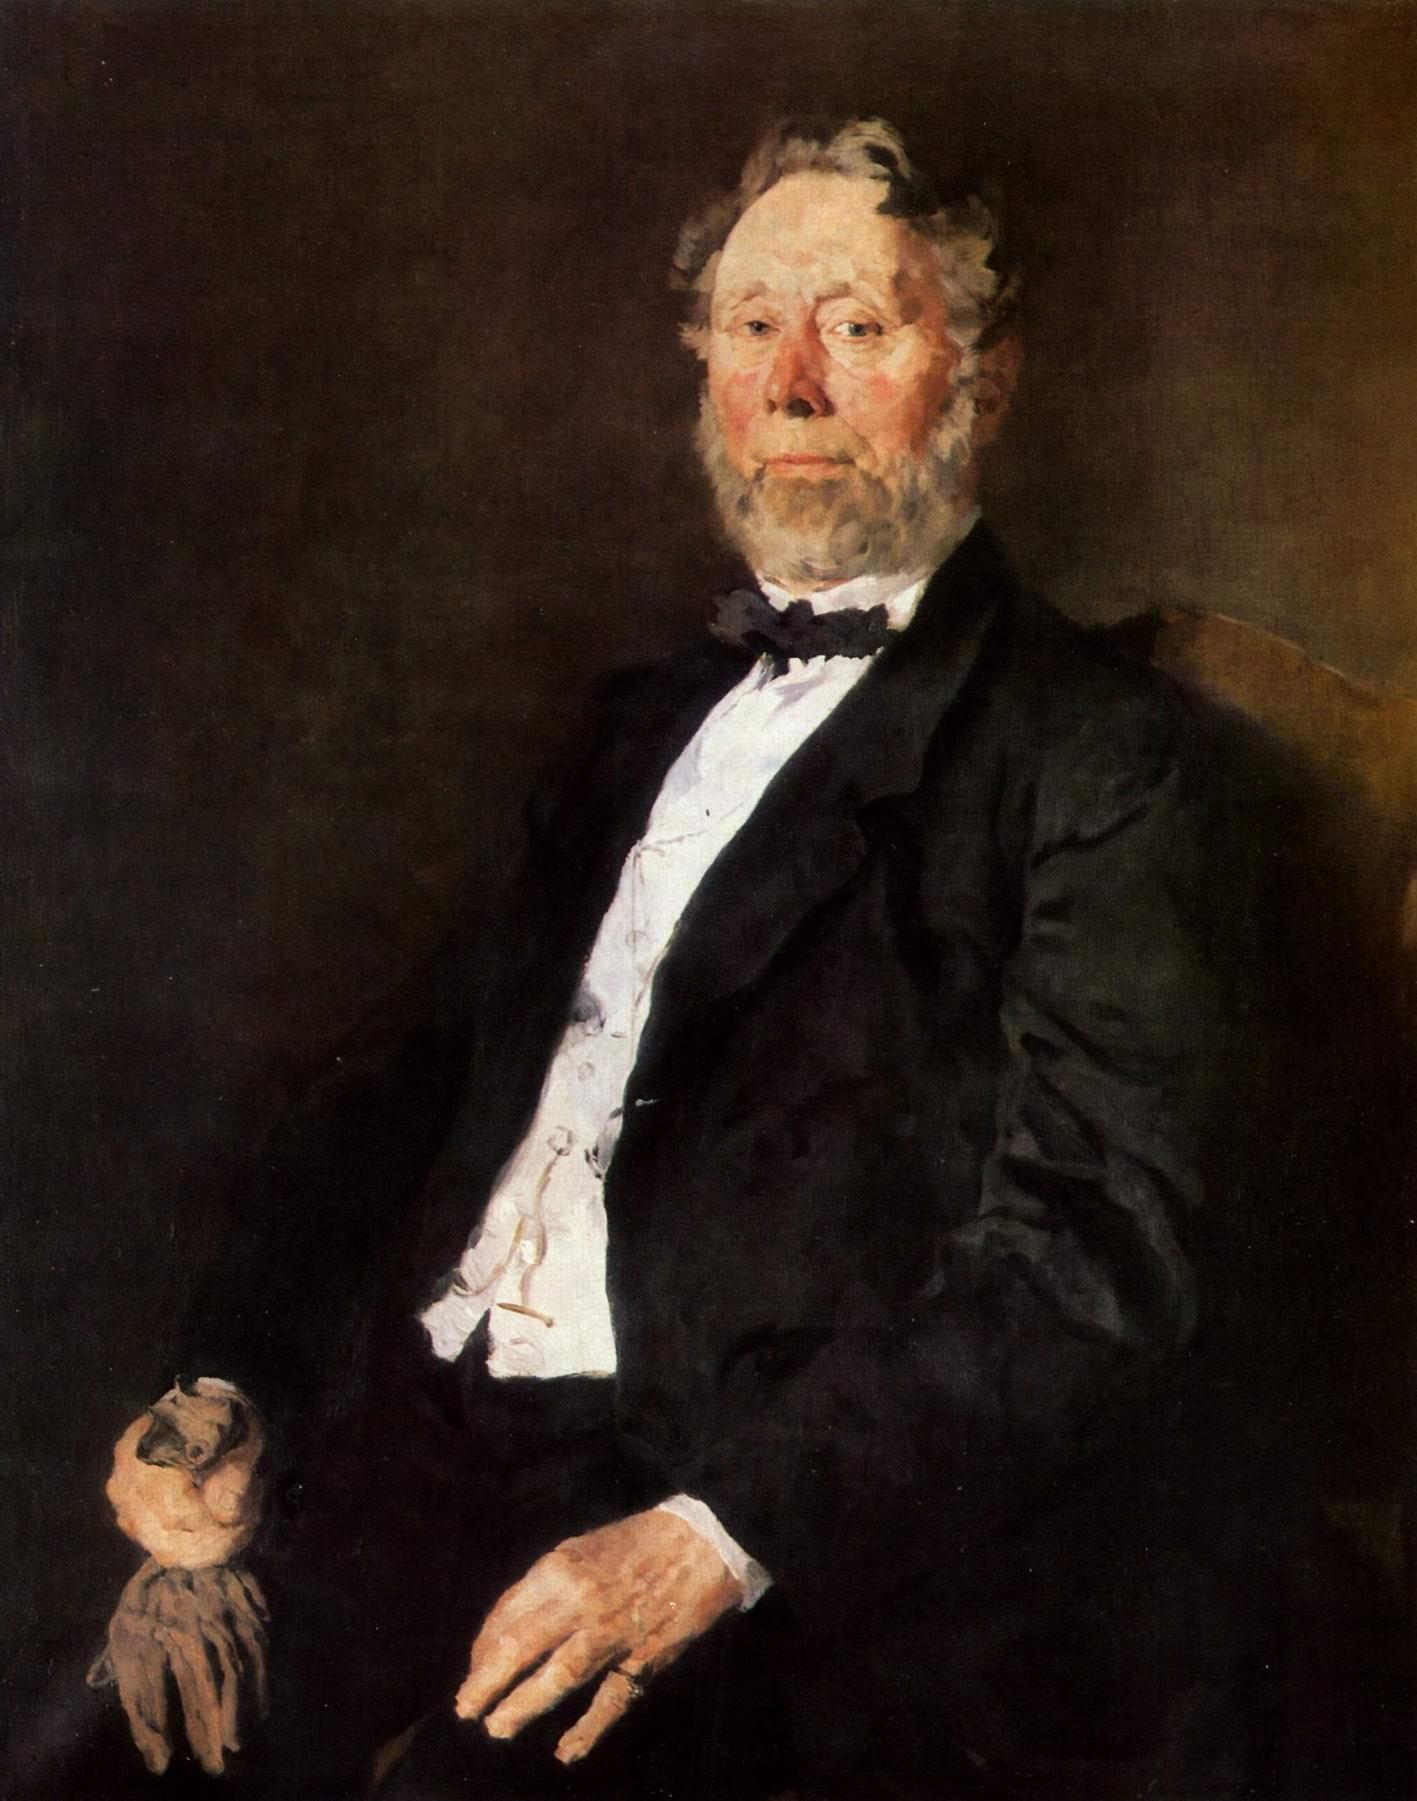 Портрет Иоганна Генриха Палленберга, Лейбль Вильгельм Мария Хубертус